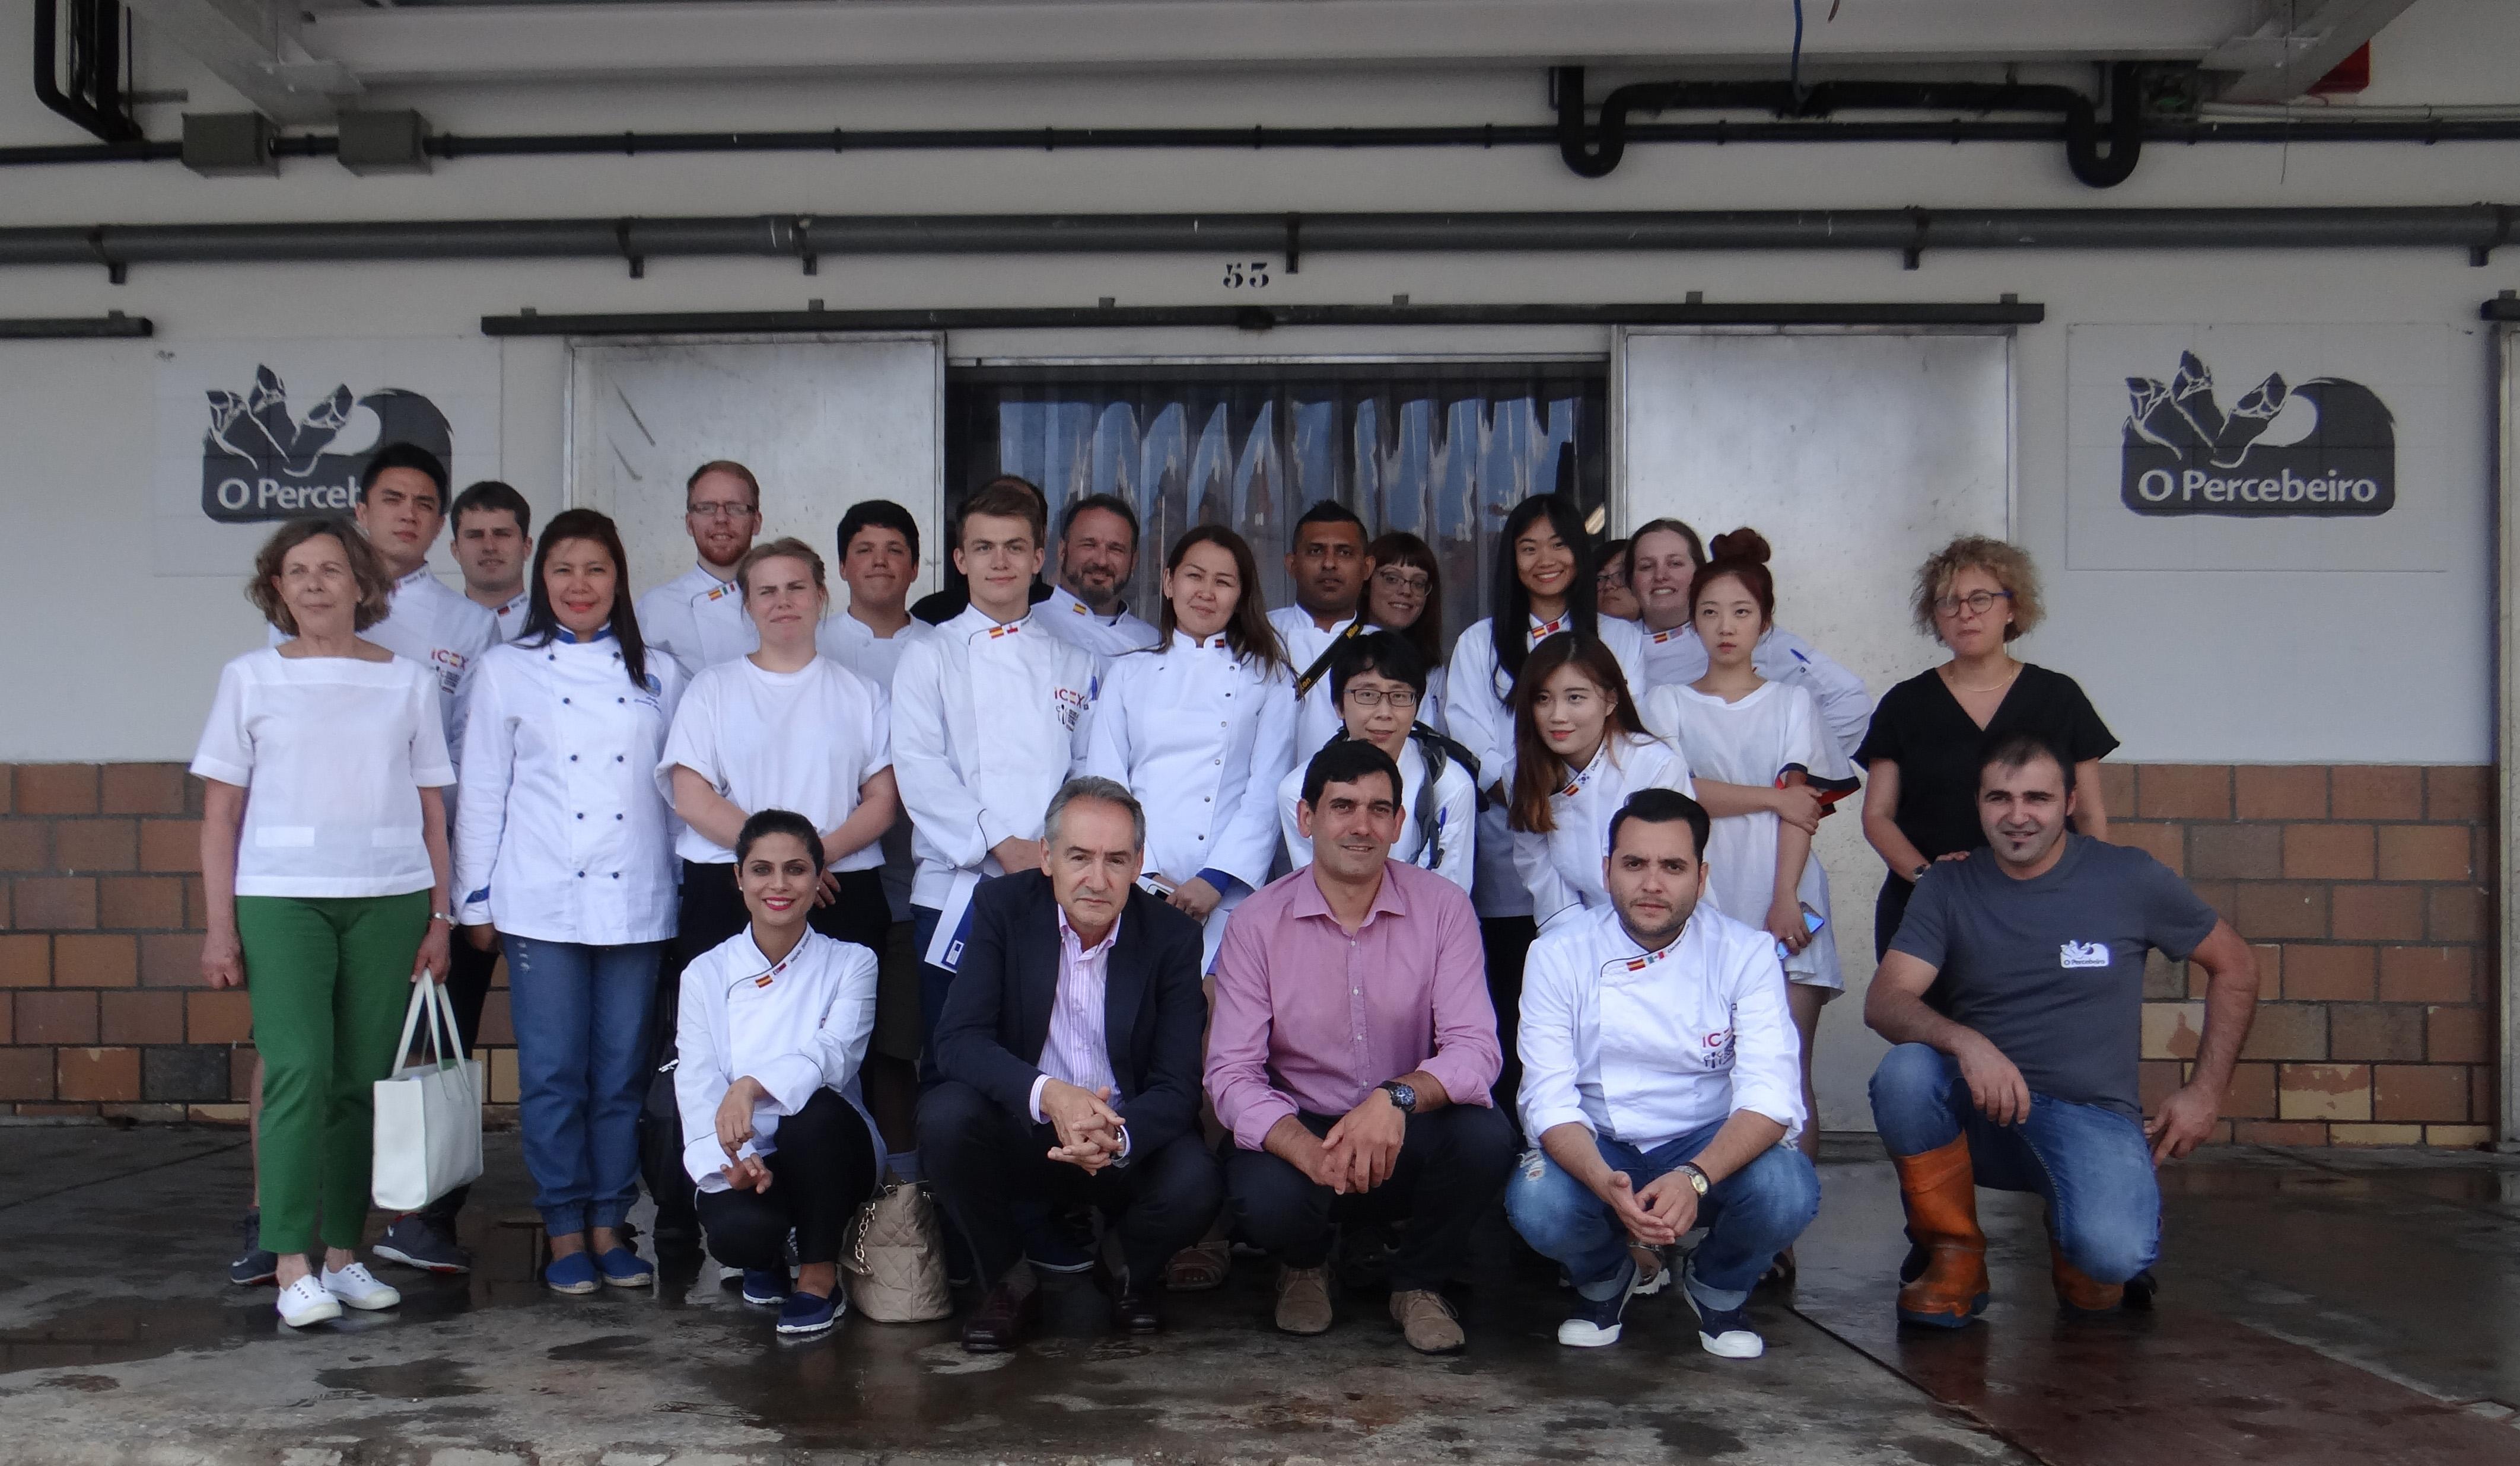 Cocineros internacionales descubren los productos de las Rías Baixas de la mano de O Percebeiro